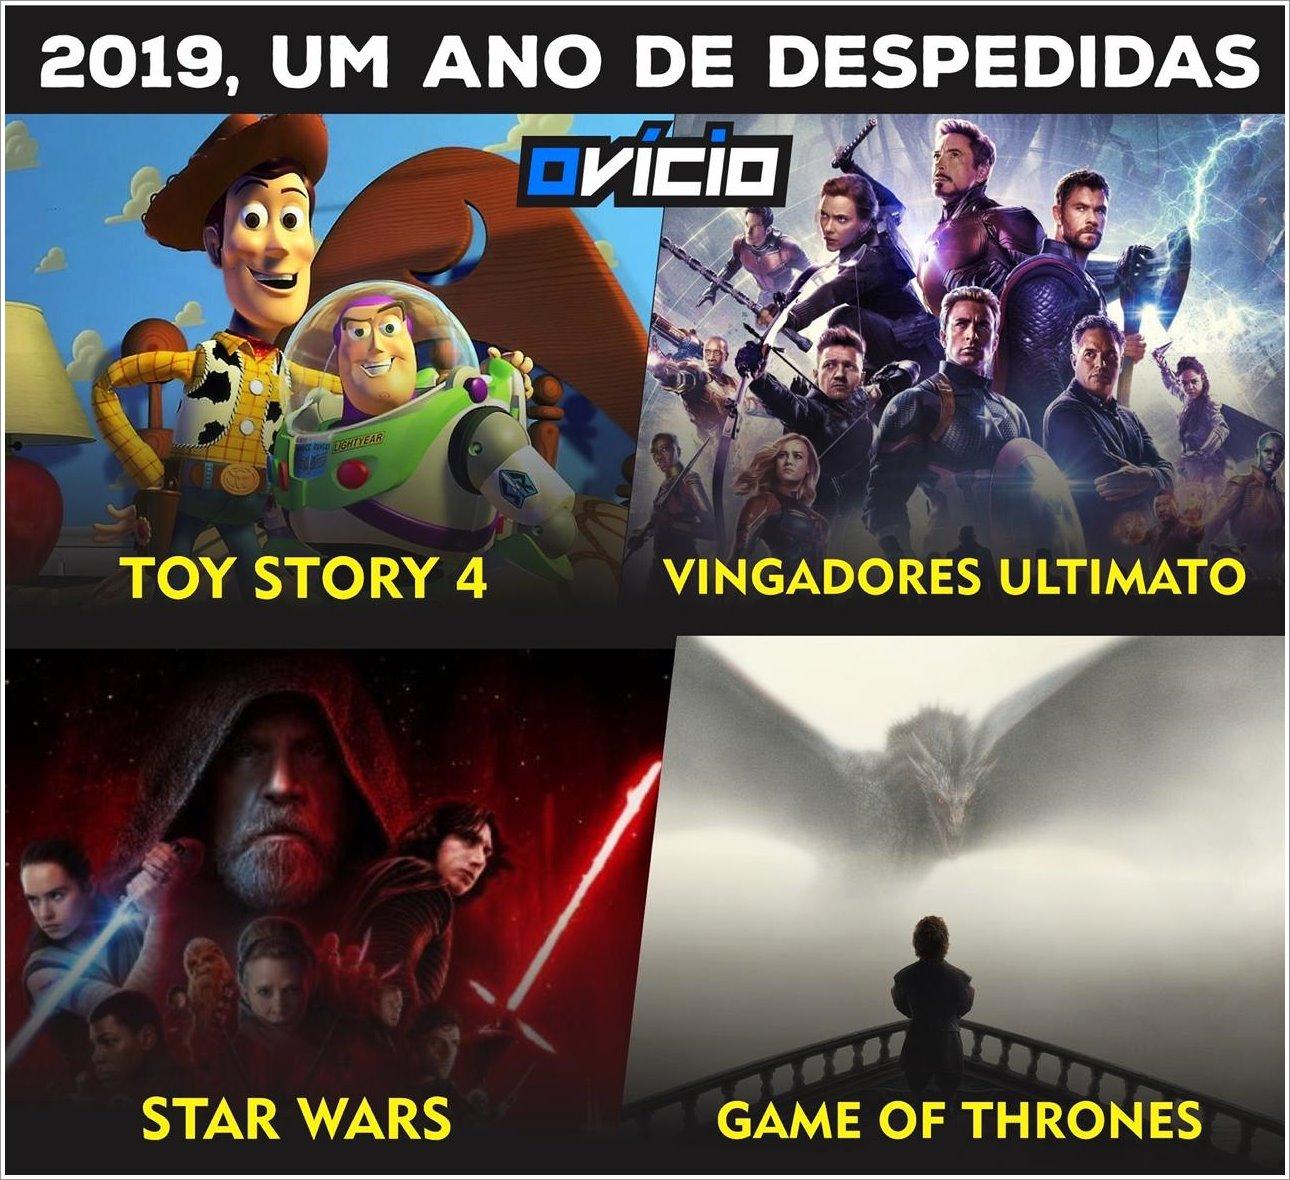 Alguns filmes que se despediram em 2019